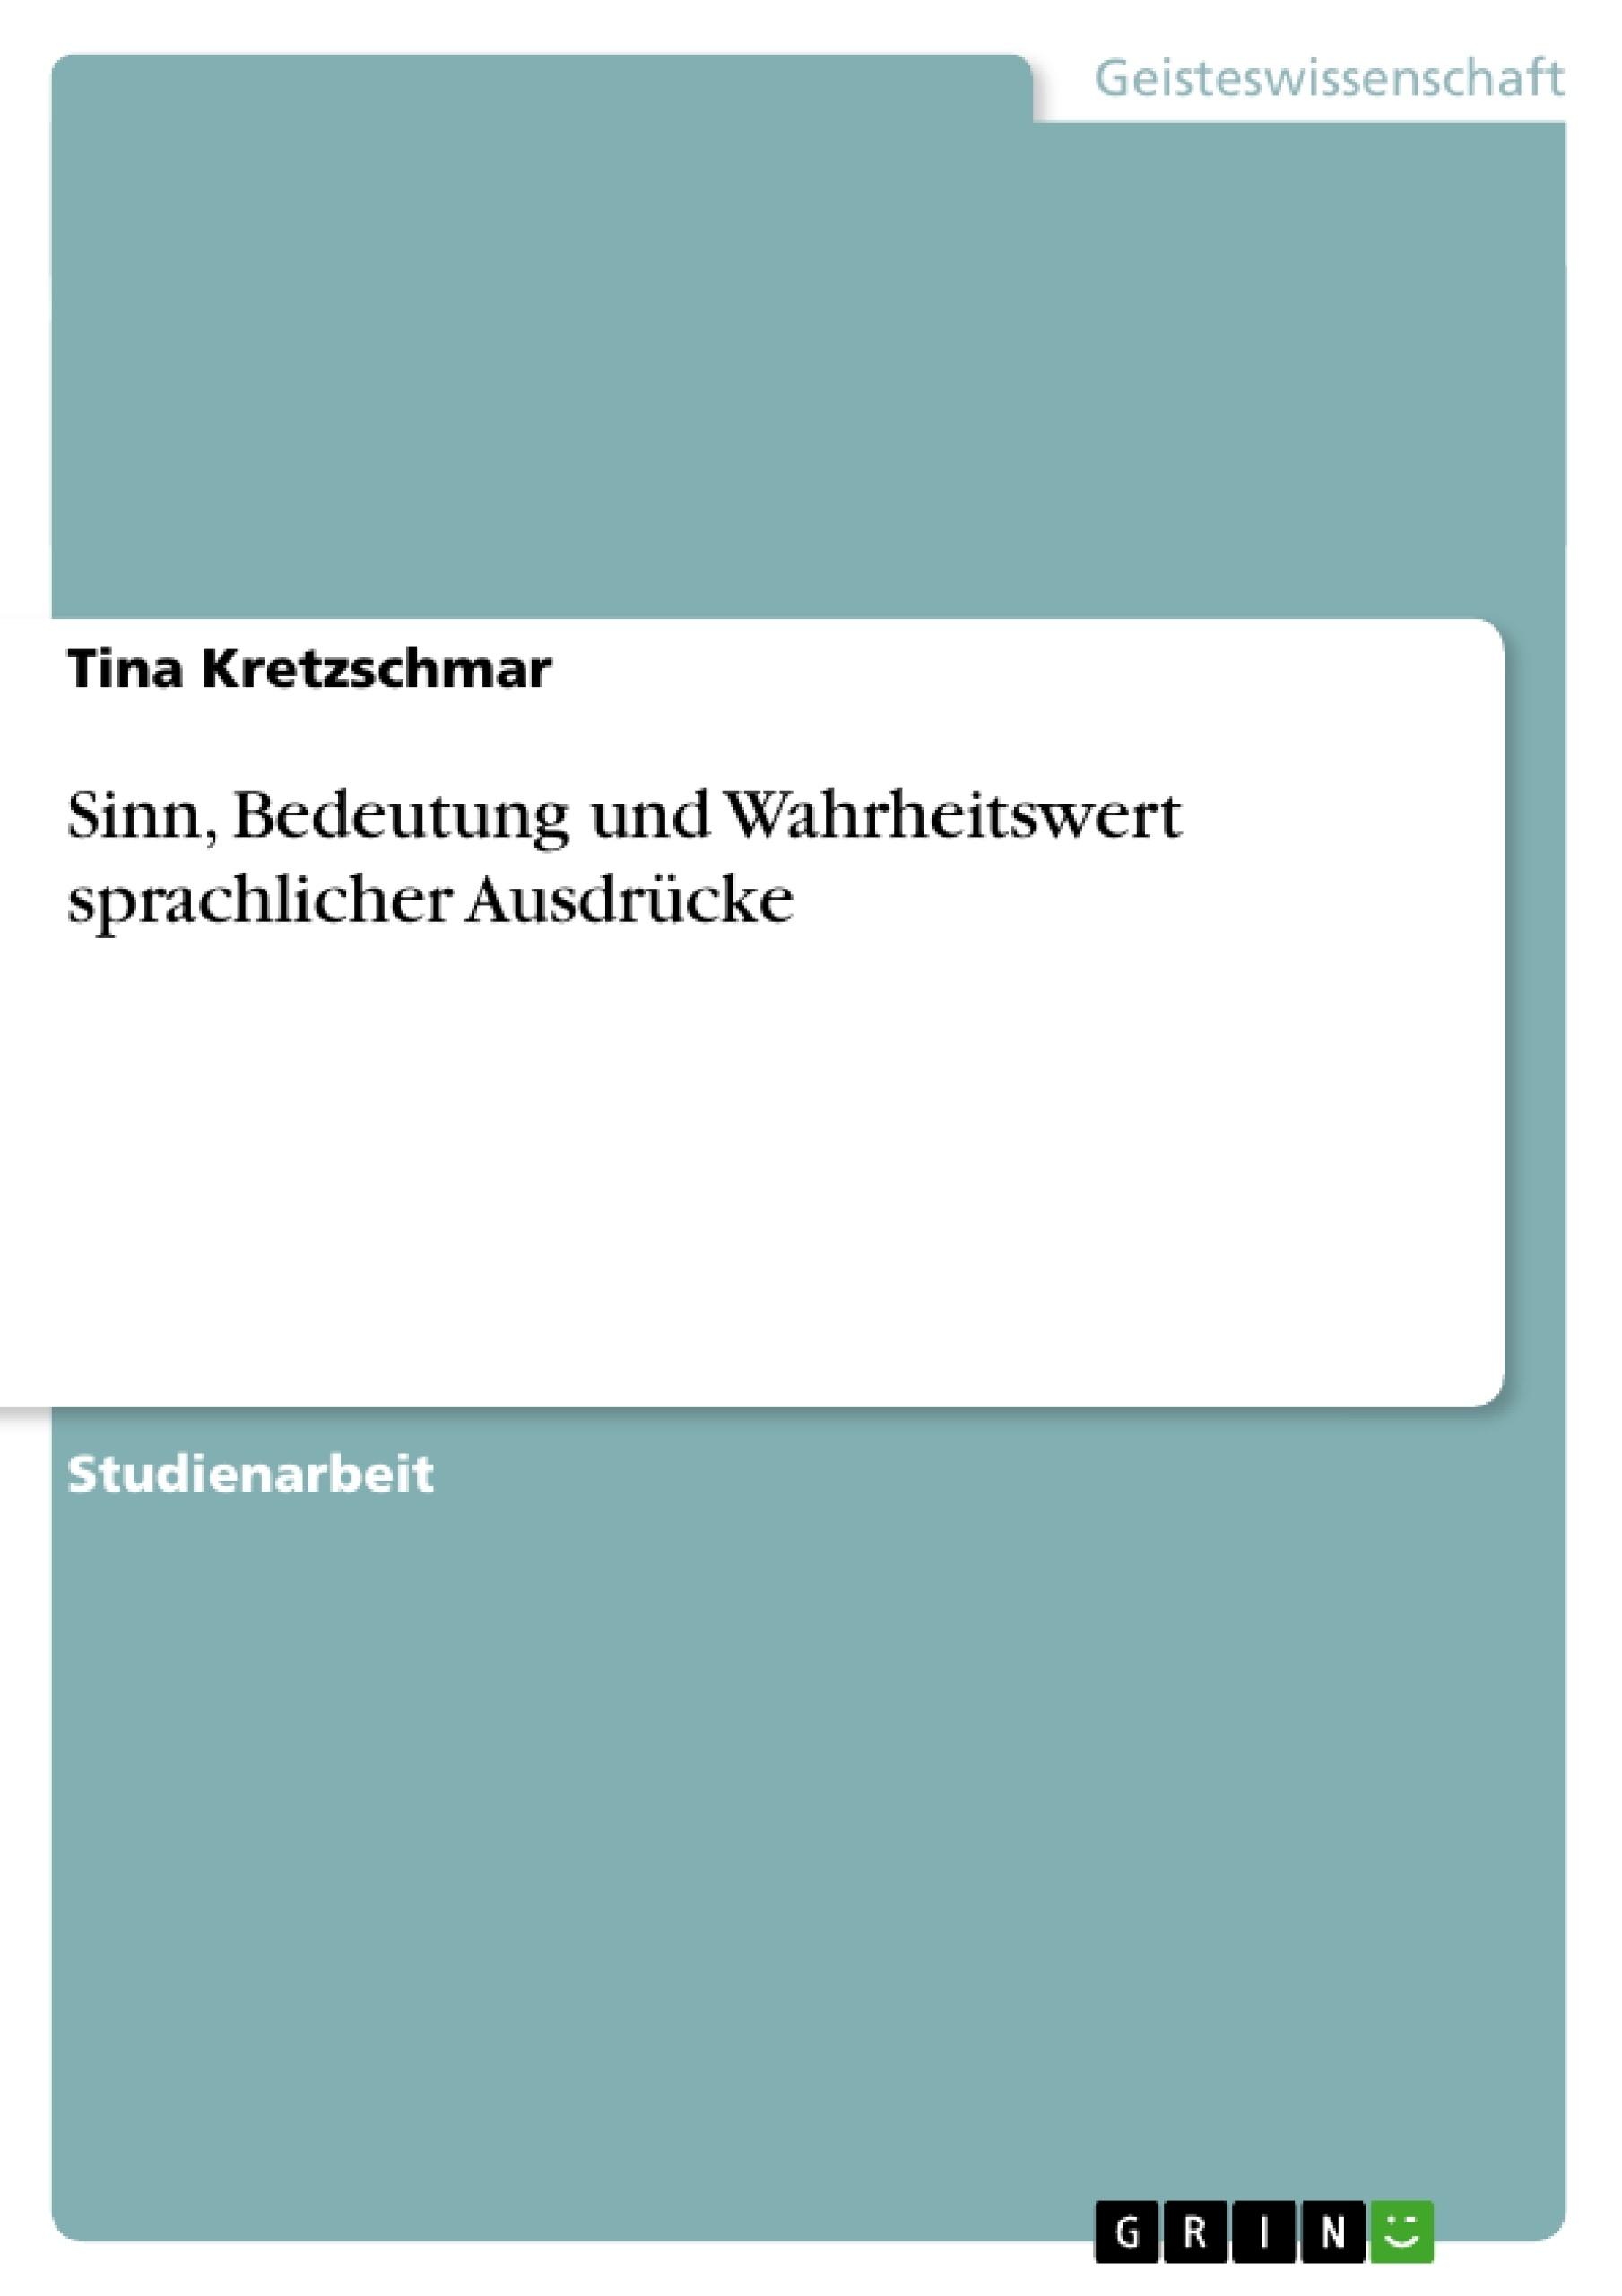 Titel: Sinn, Bedeutung und Wahrheitswert sprachlicher Ausdrücke